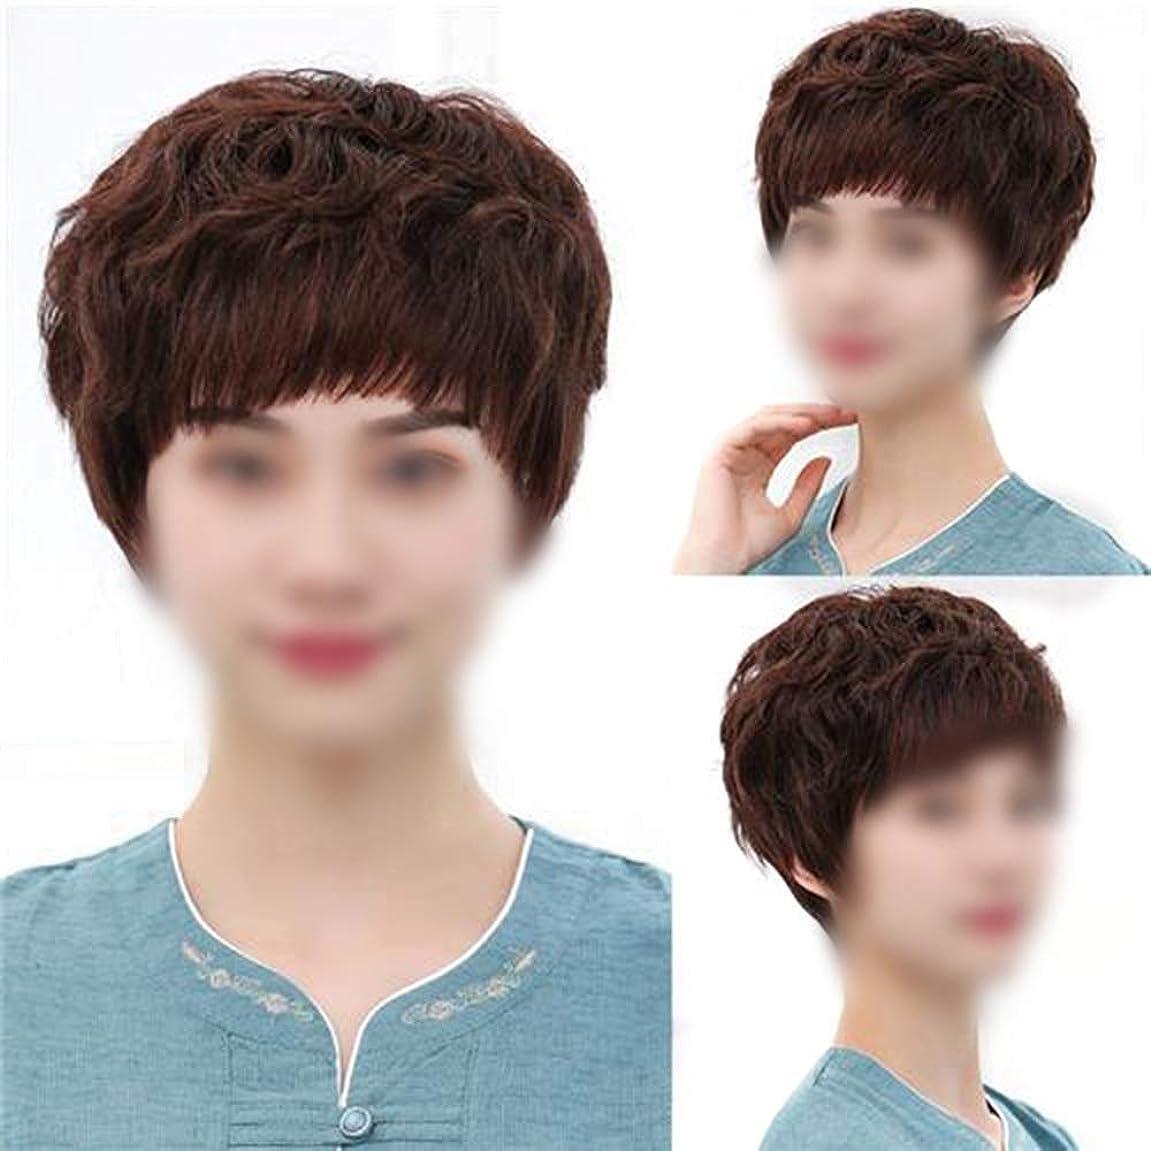 数字宇宙飛行士によるとYrattary 女性の本物の毛髪の完全な手編み細いかつらでショートカーリーヘアー日常的なロールプレイングかつらキャップ (色 : Dark brown)